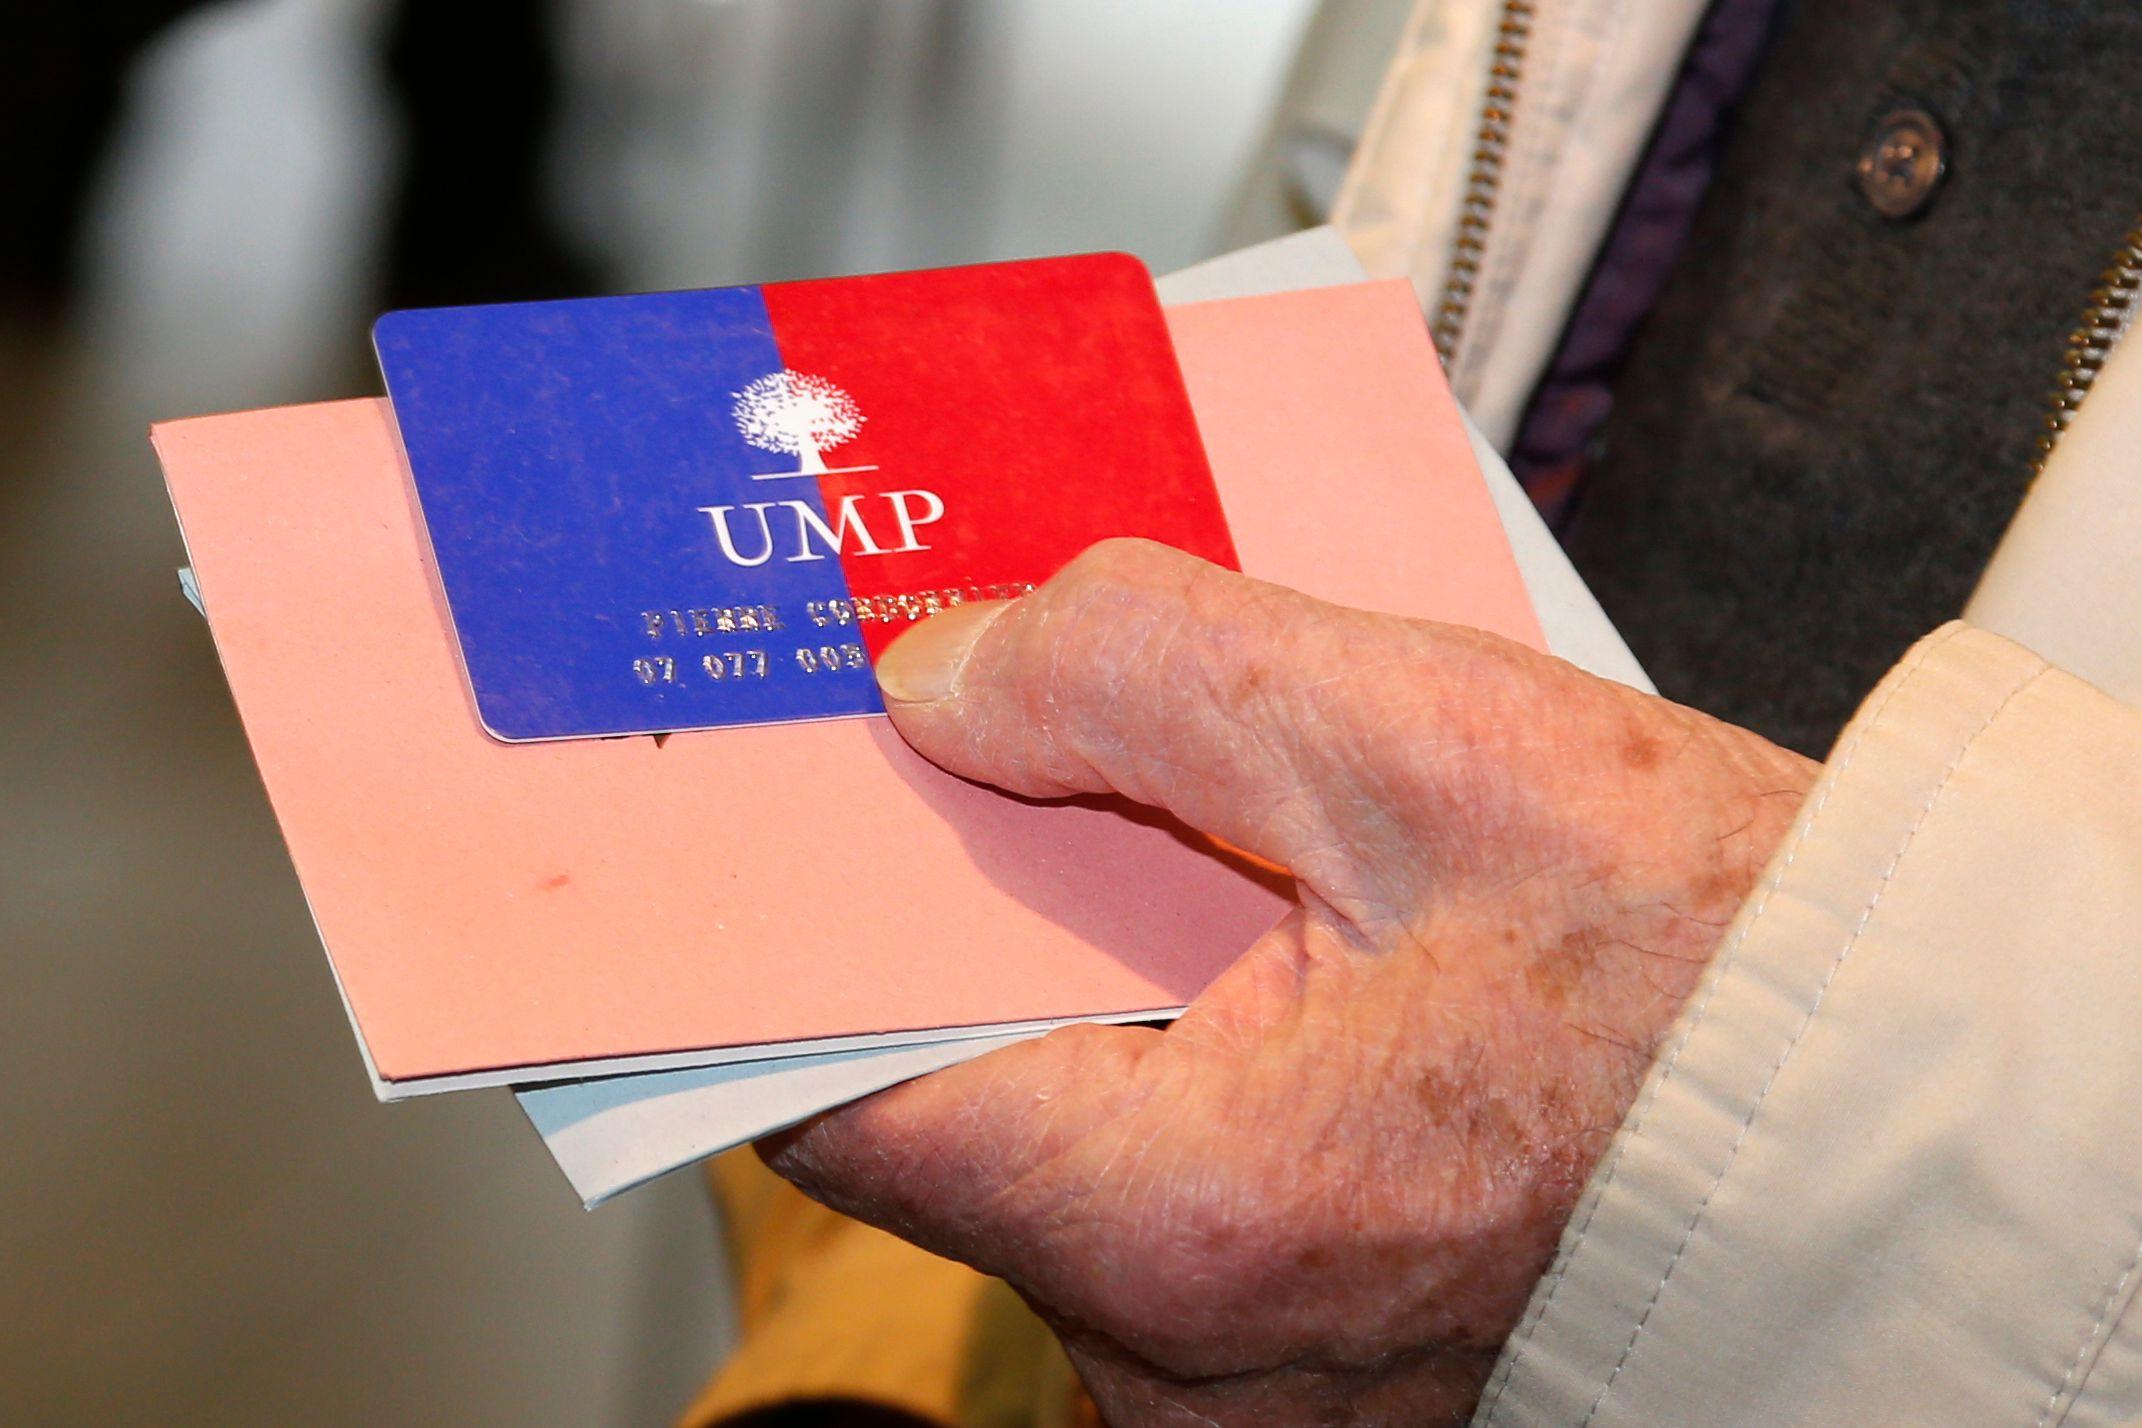 La semaine dernière l'UMP a accueilli 2 600 nouveaux adhérents